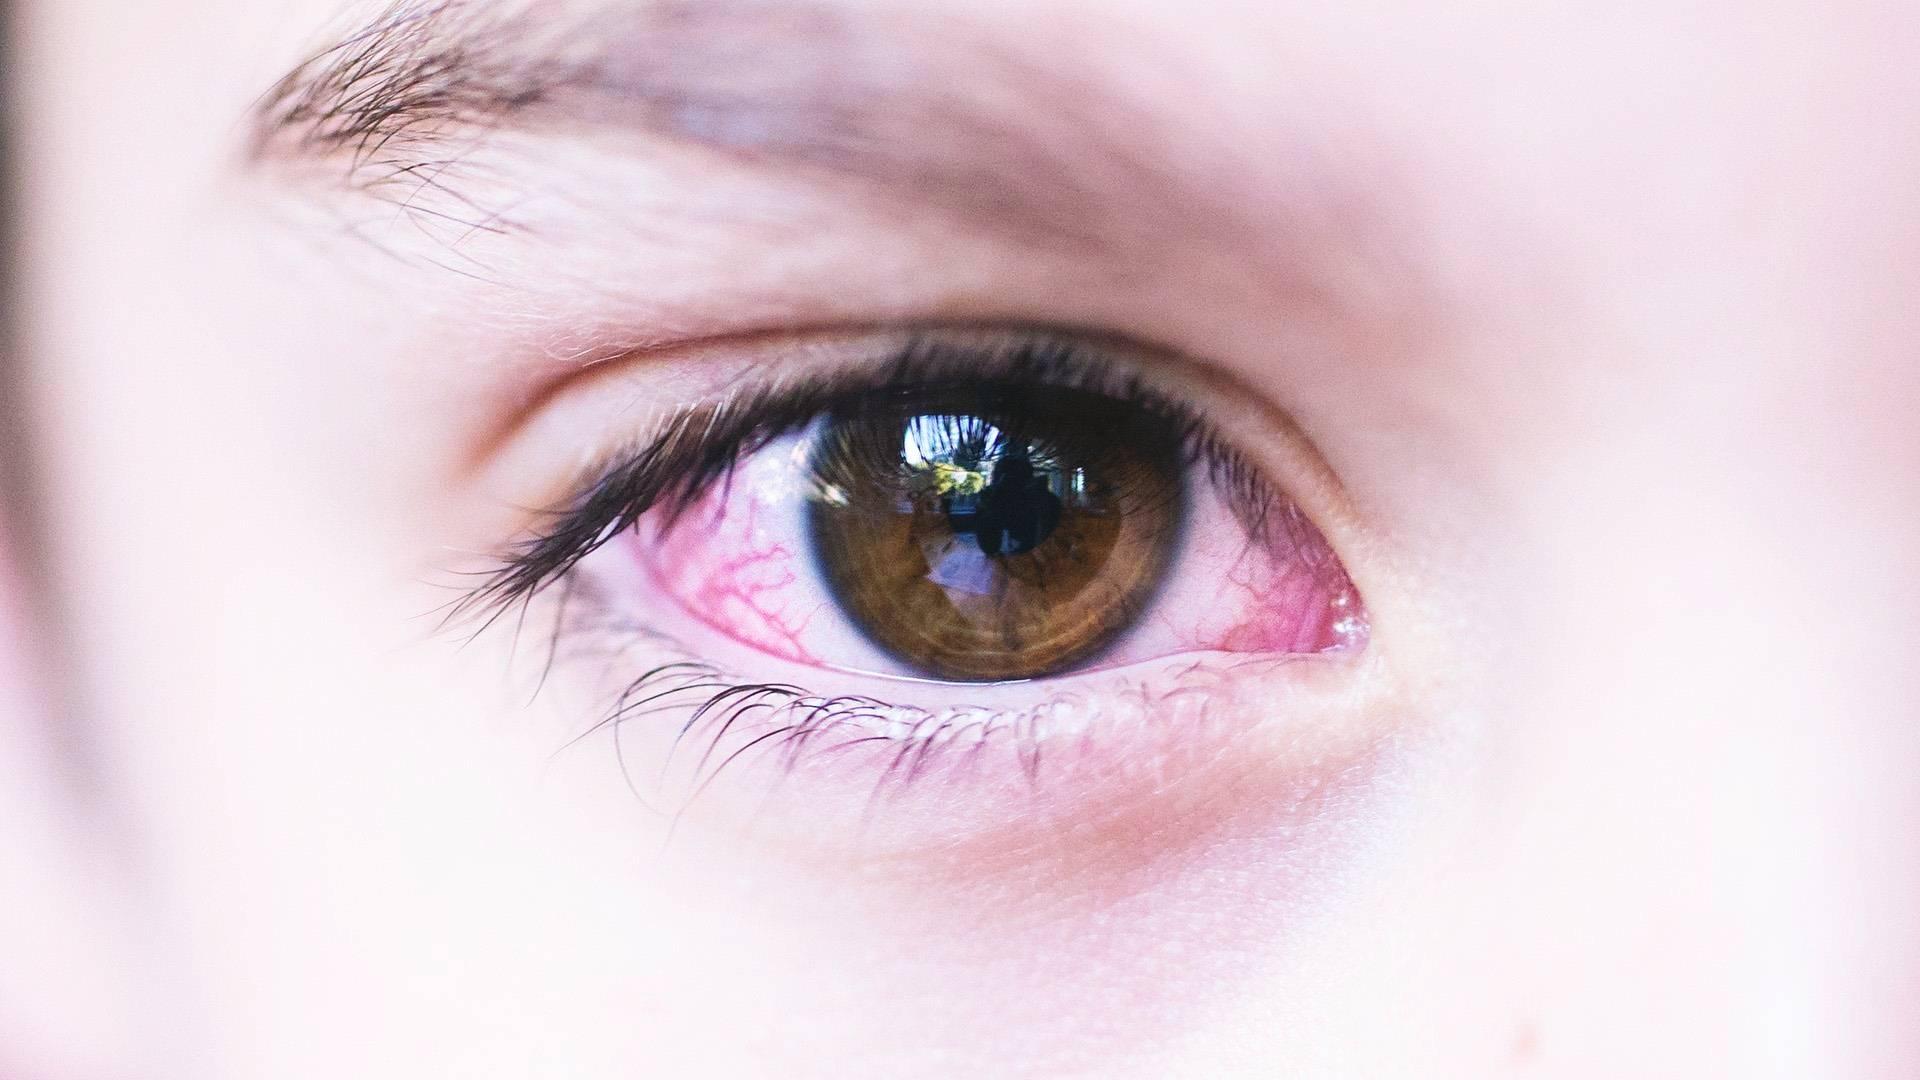 Покраснение глаза у ребенка 3 года лечение